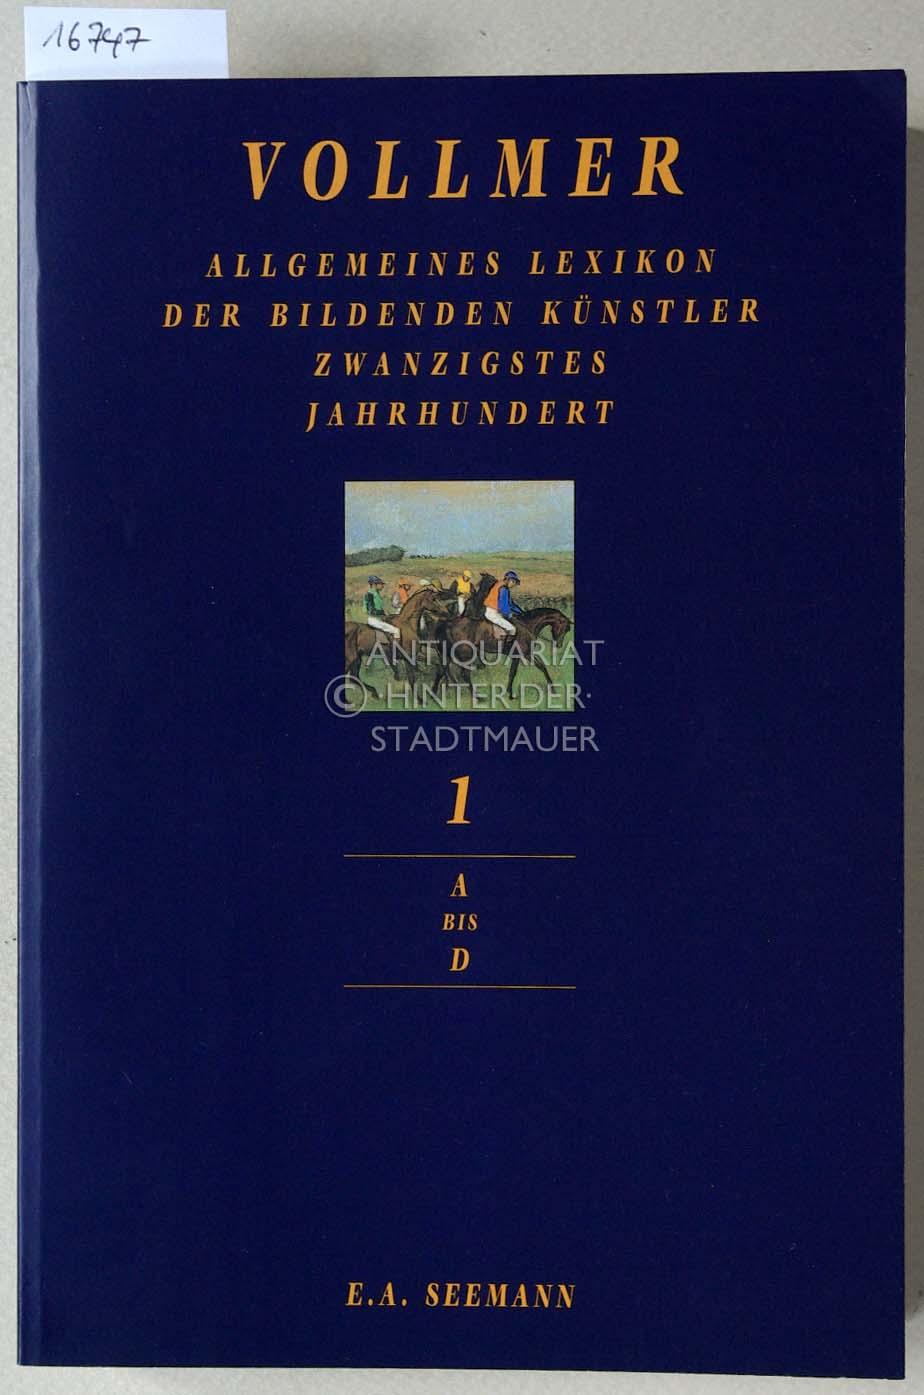 Allgemeines Lexikon der bildenden Künstler des zwanzigstes: Vollmer, Hans (Hrsg.):